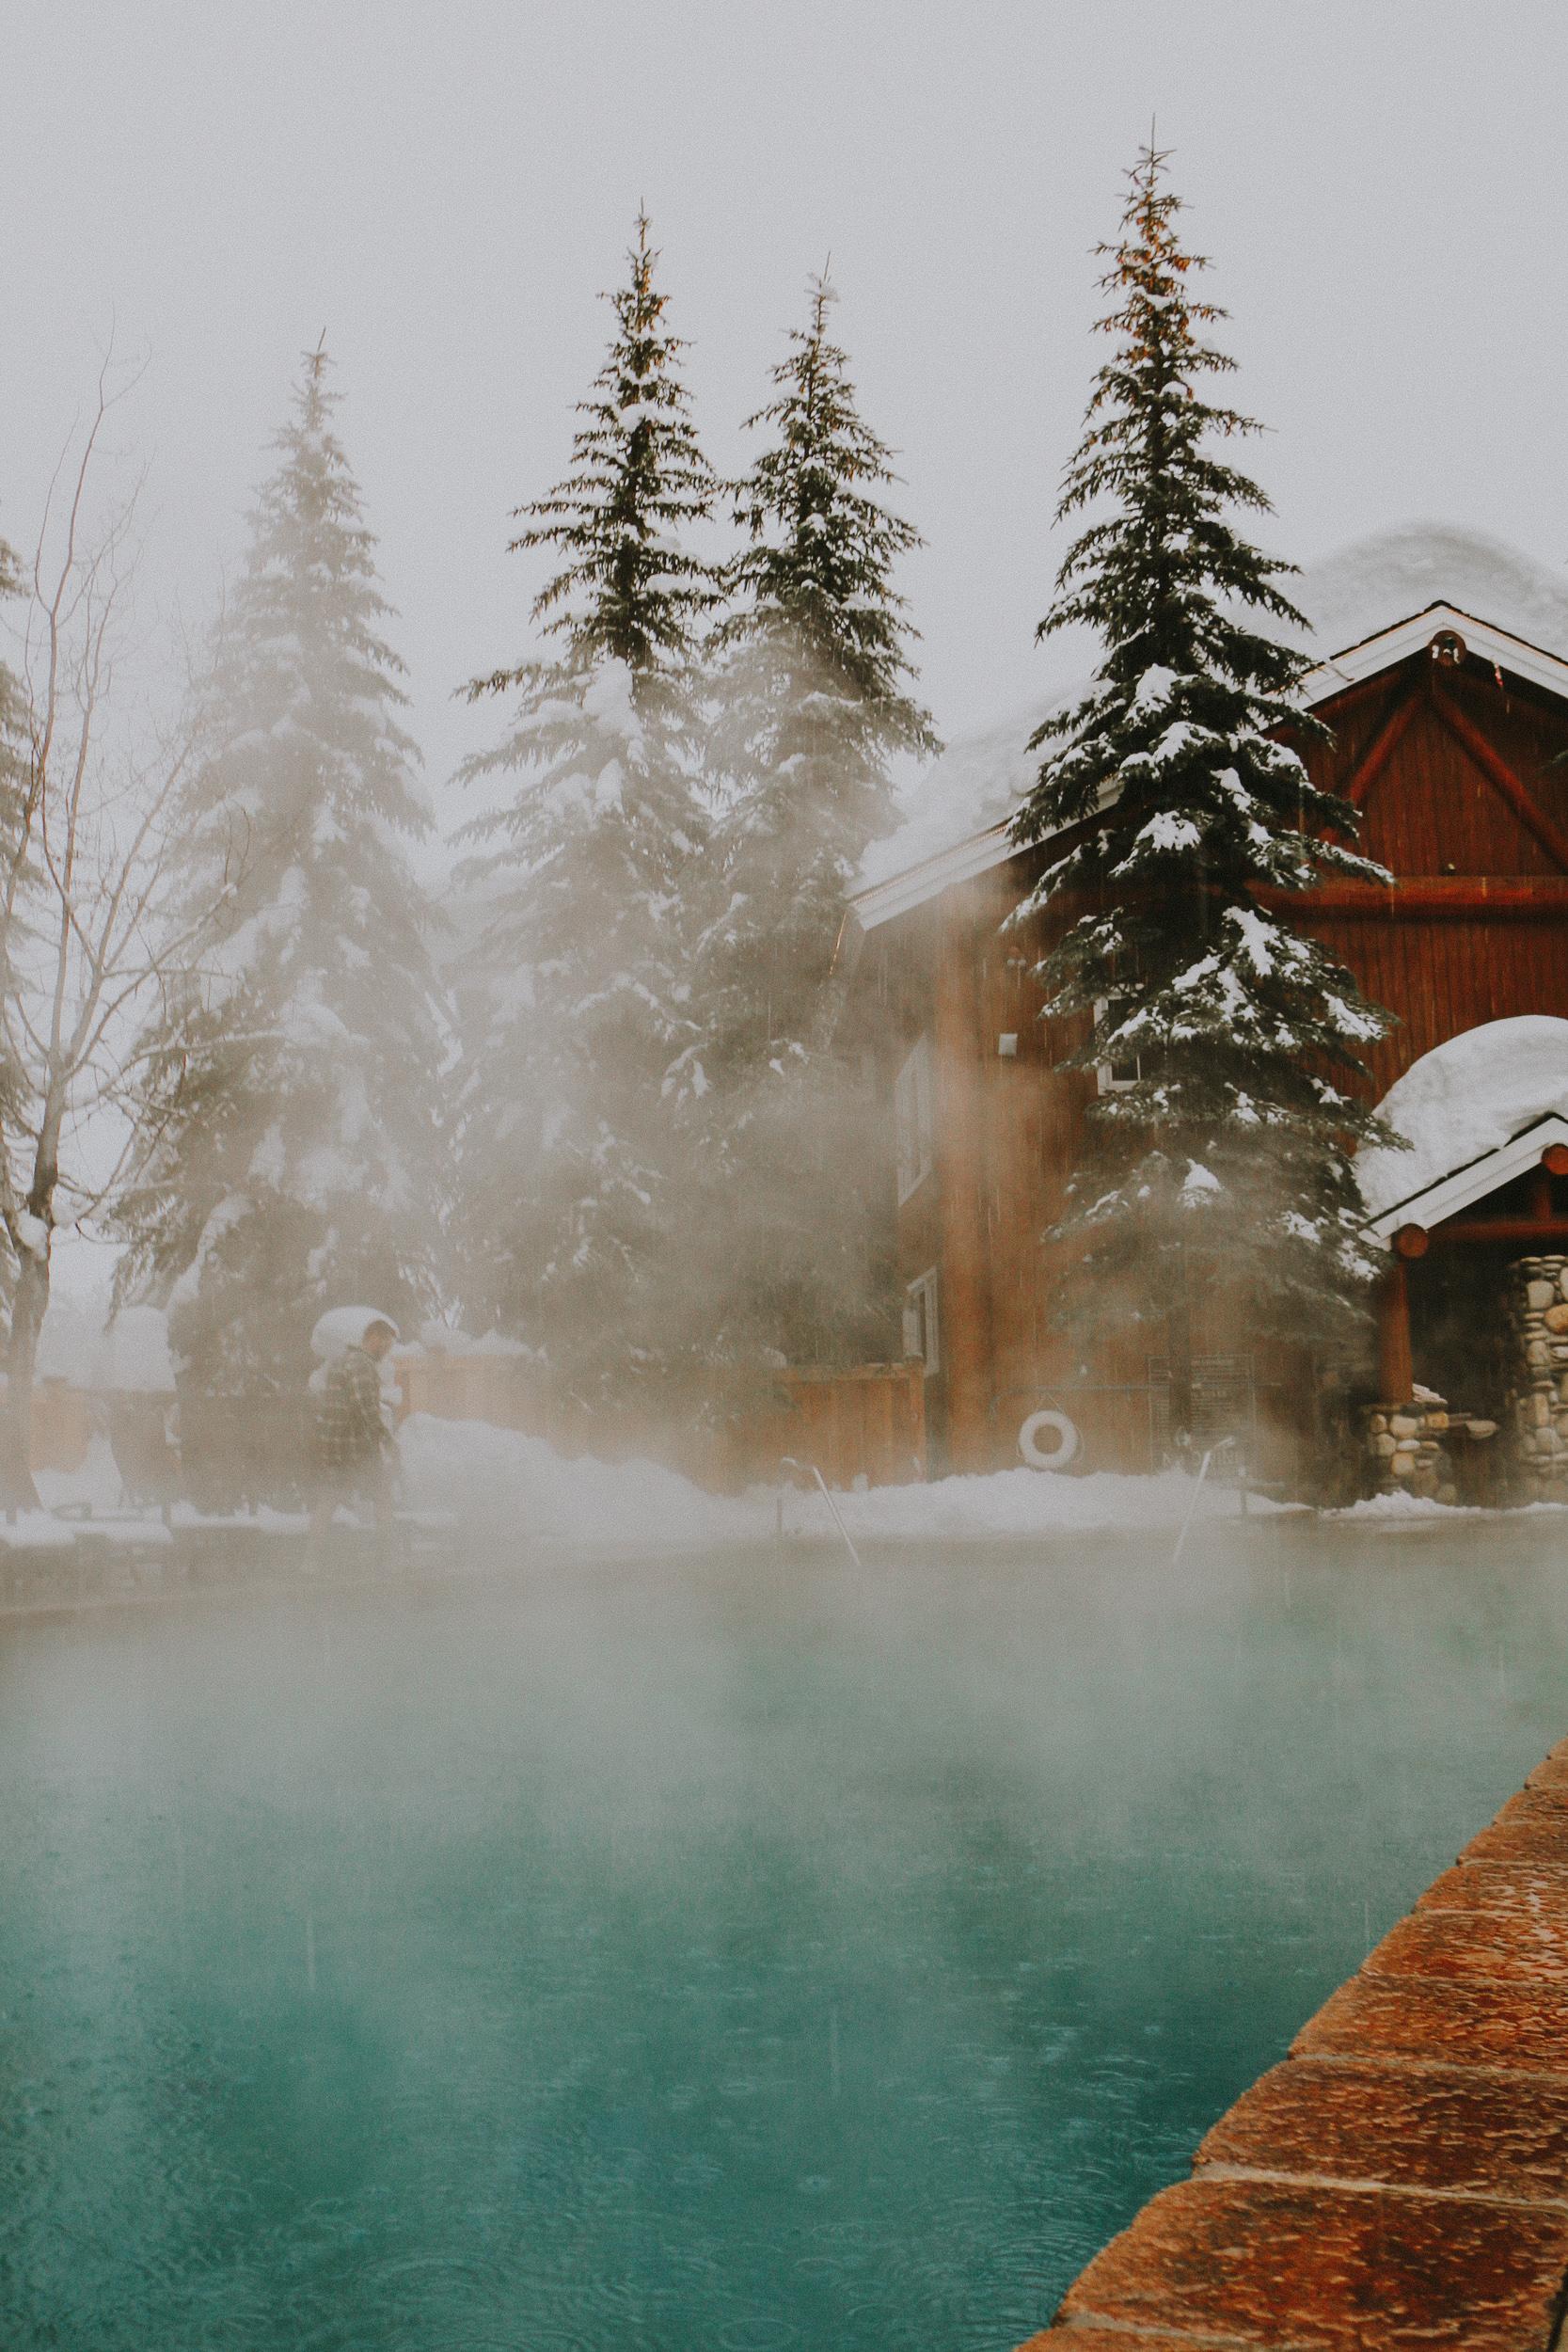 idaho hot springs road trip snowpocalypse-1790.jpg